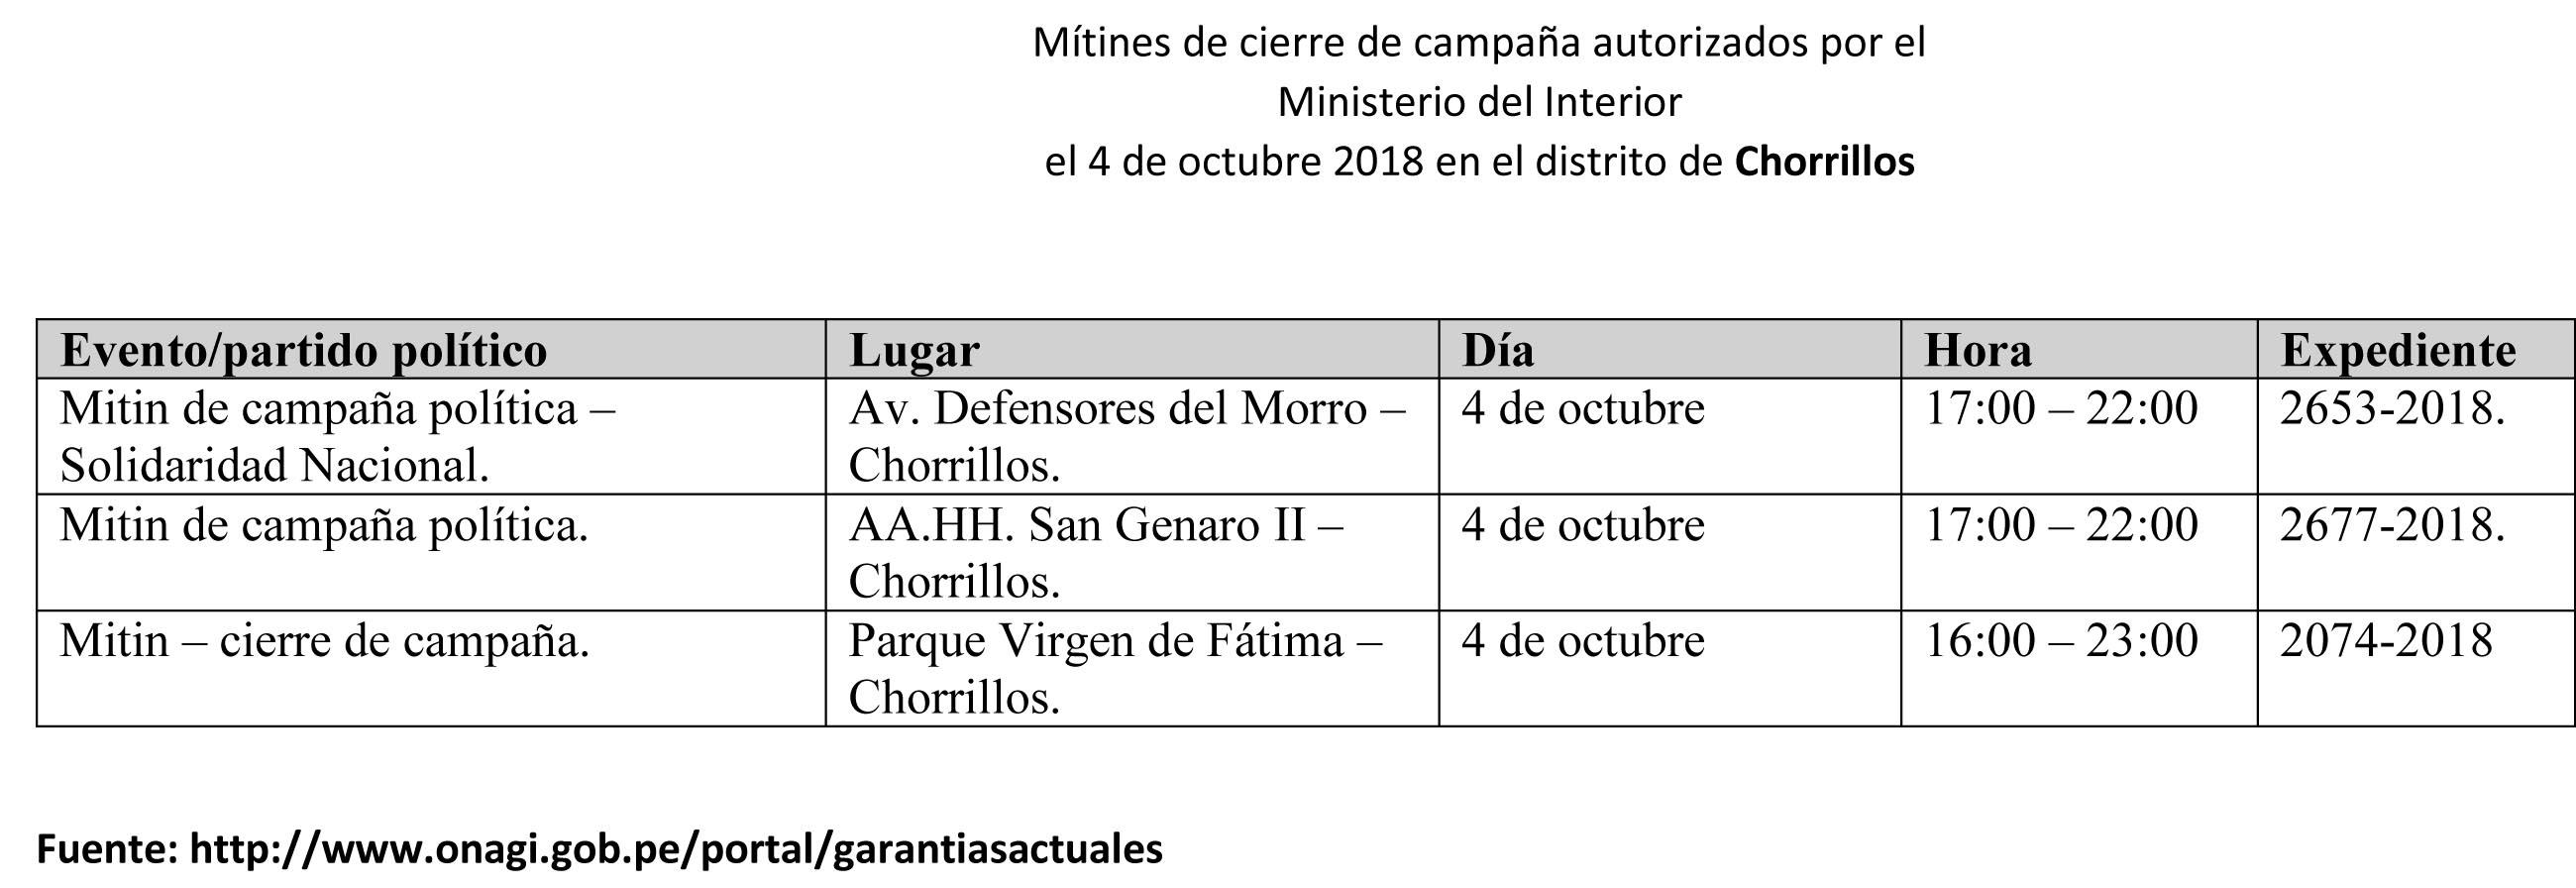 Tres mítines de cierre de campaña en el distrito de Chorrillos.